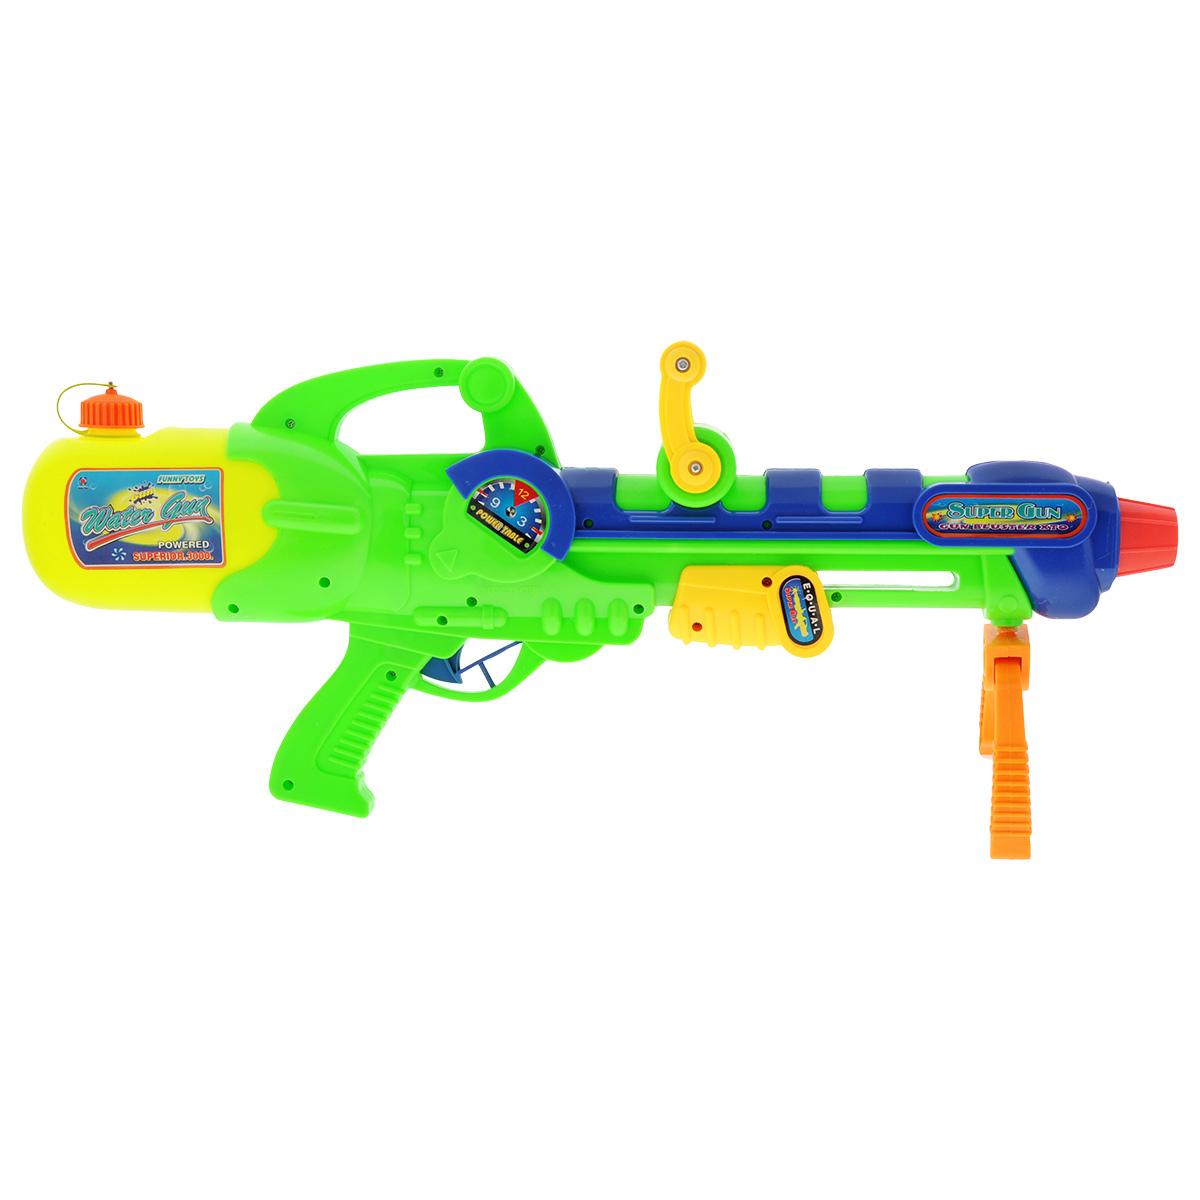 Водный бластер Bebelot Захват, цвет: зеленый, желтый игрушка для активного отдыха bebelot захват beb1106 045